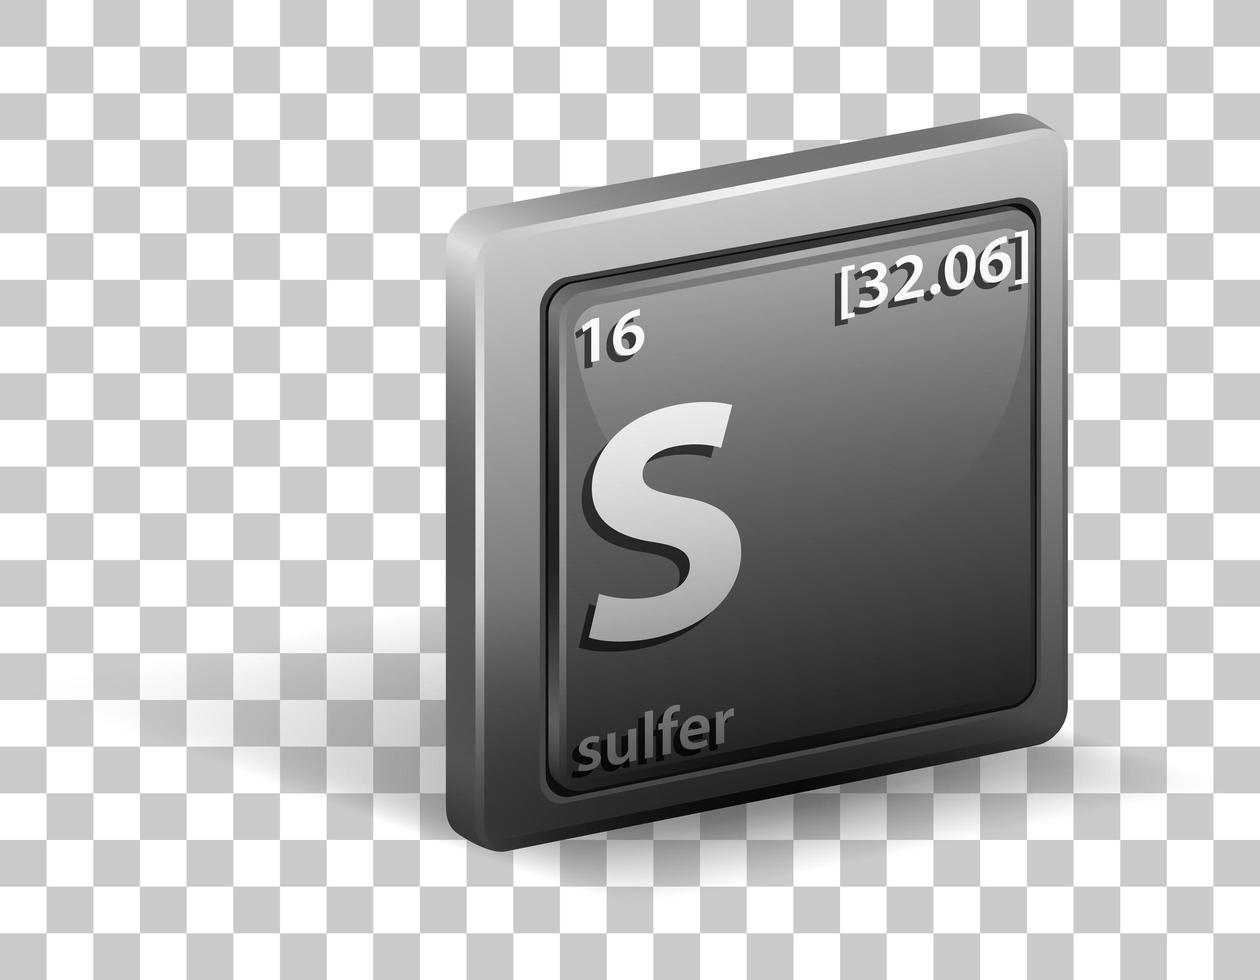 Schwefel chemisches Element. chemisches Symbol mit Ordnungszahl und Atommasse. vektor